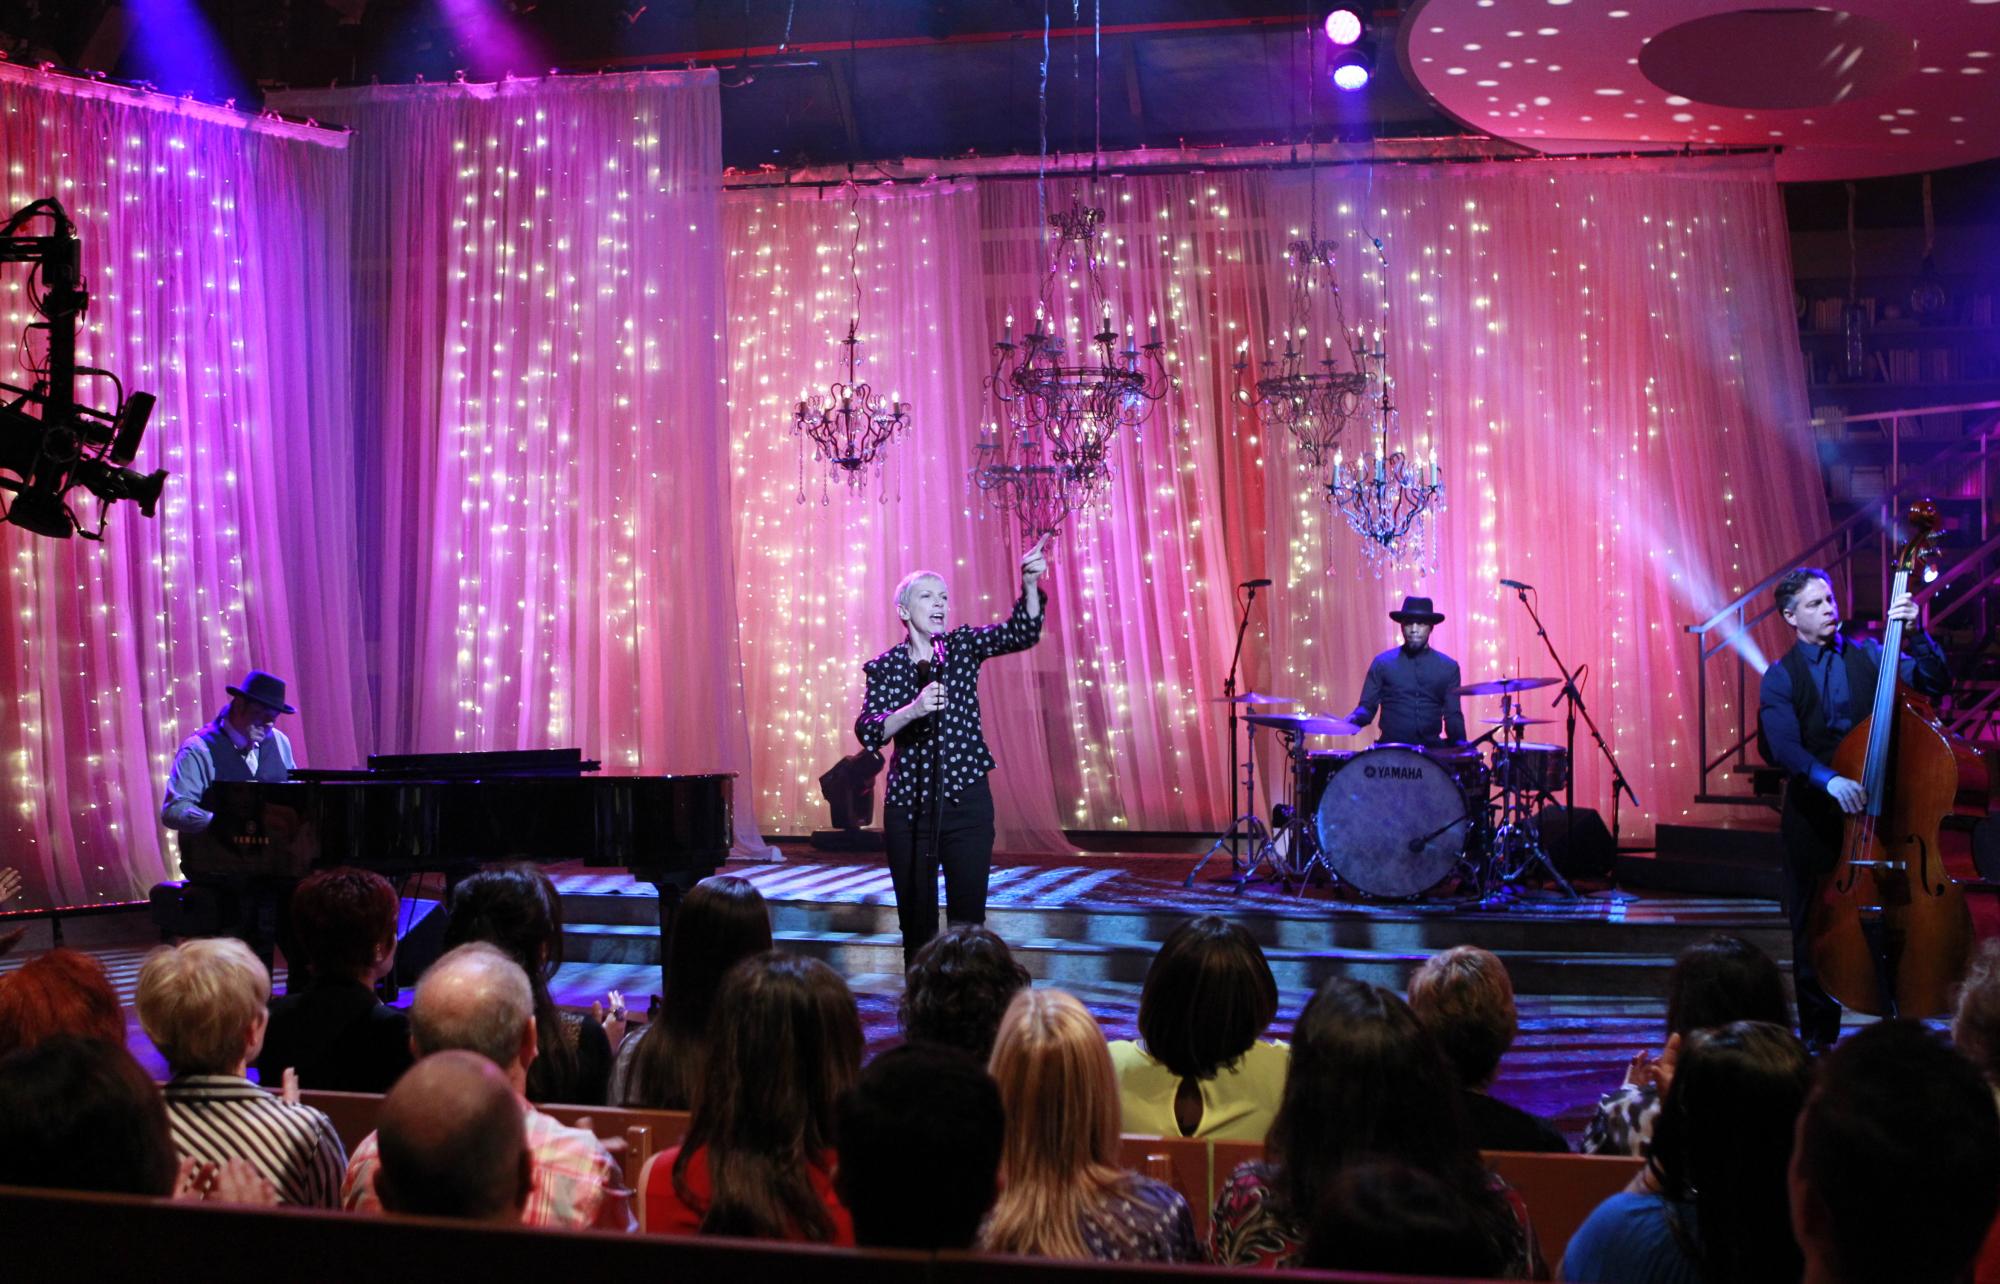 6. Annie Lennox Sang Live!